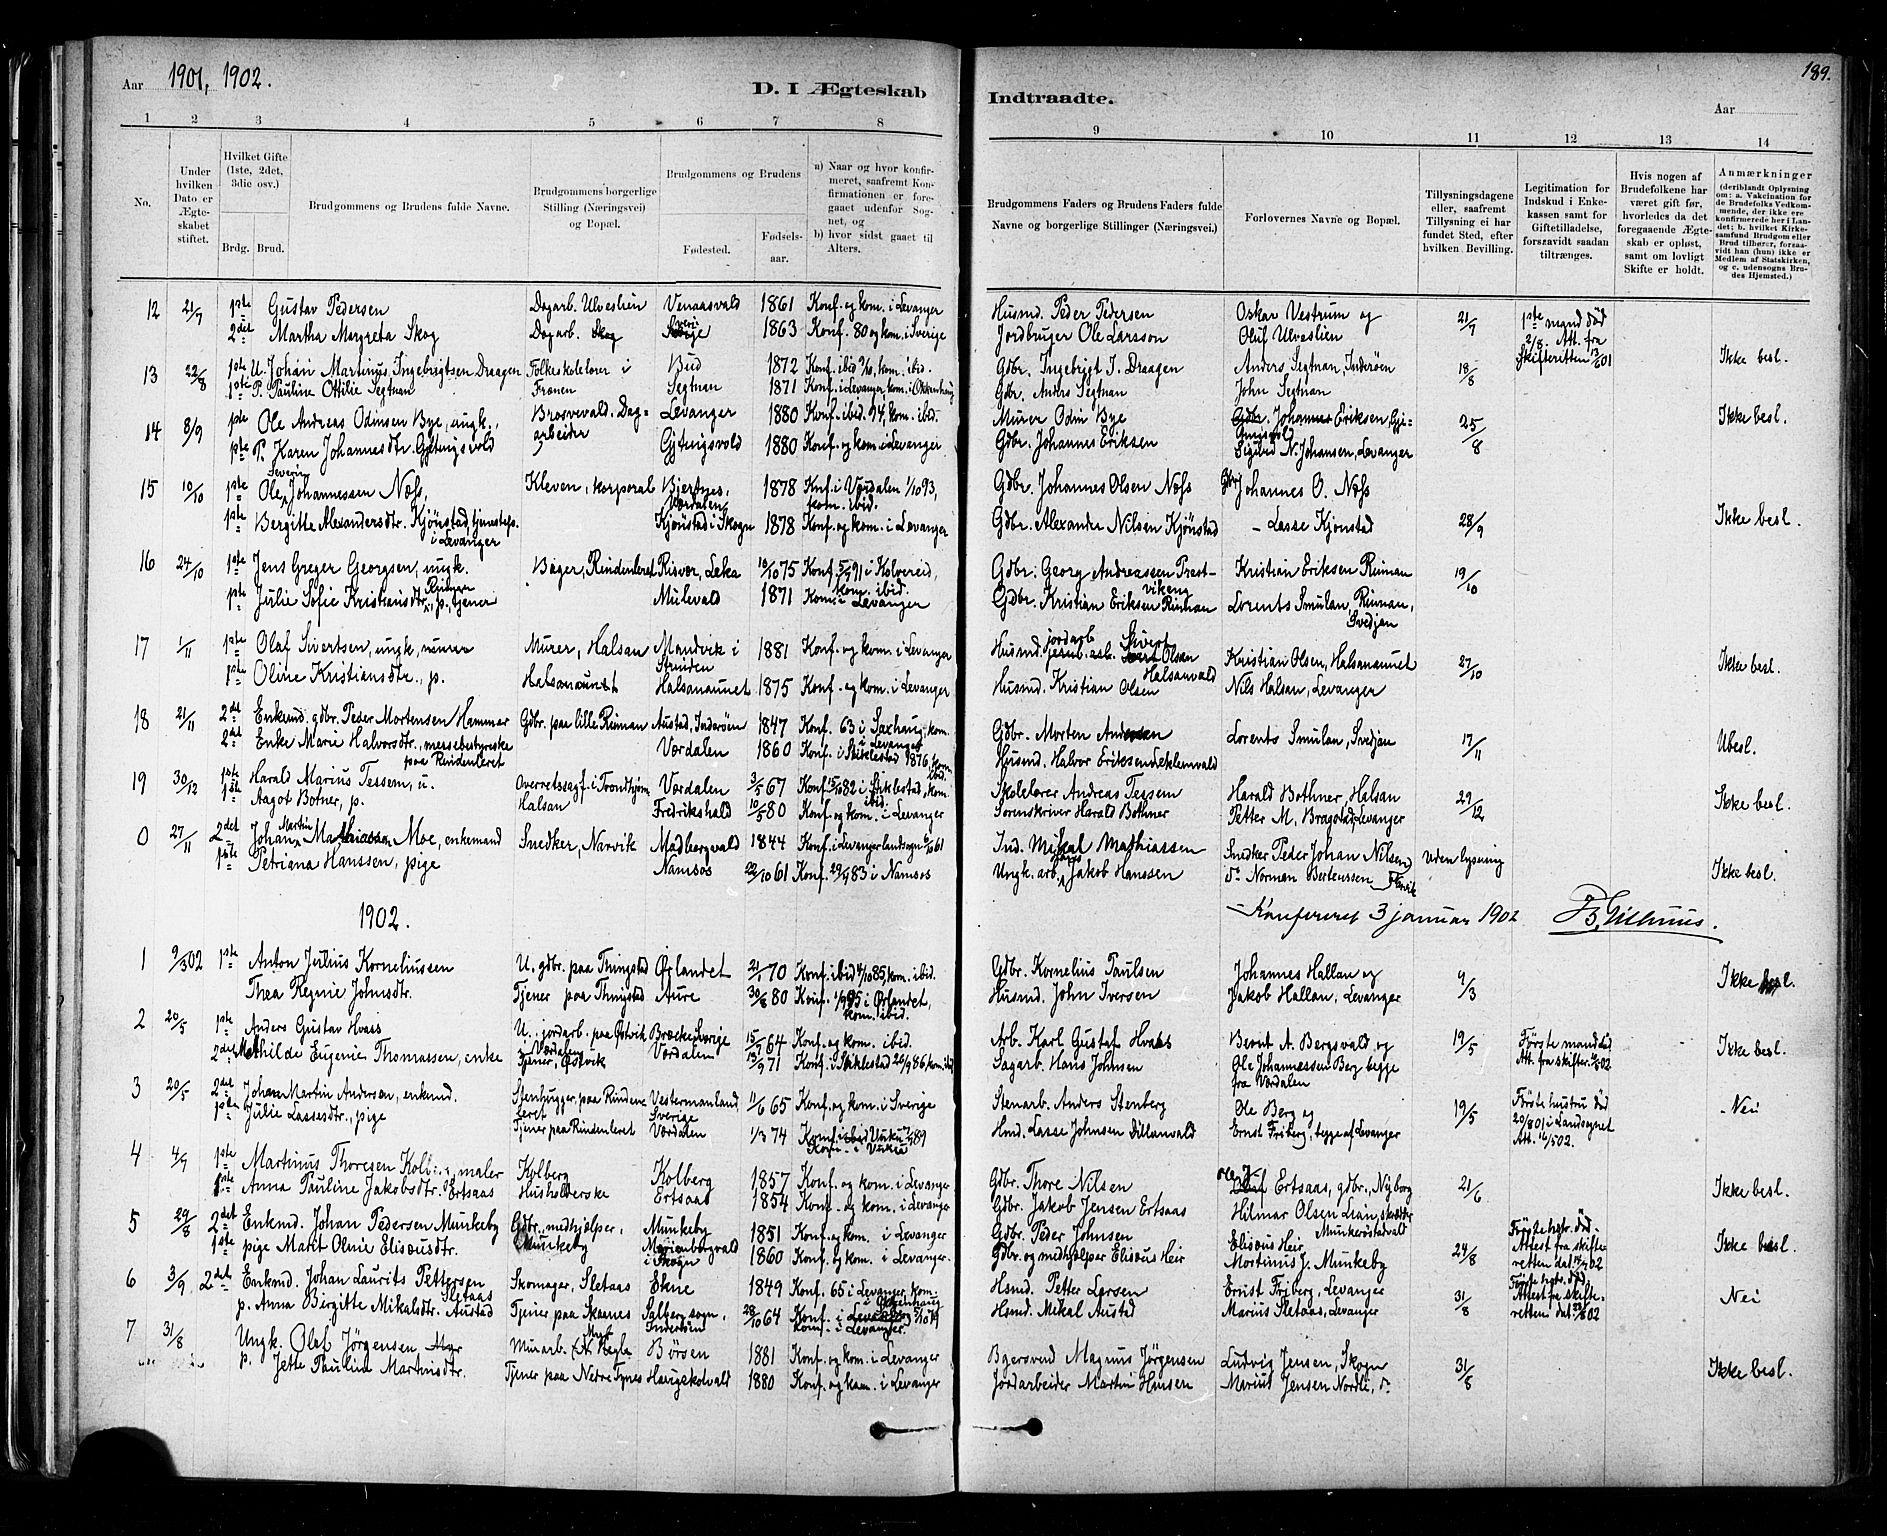 SAT, Ministerialprotokoller, klokkerbøker og fødselsregistre - Nord-Trøndelag, 721/L0208: Klokkerbok nr. 721C01, 1880-1917, s. 189